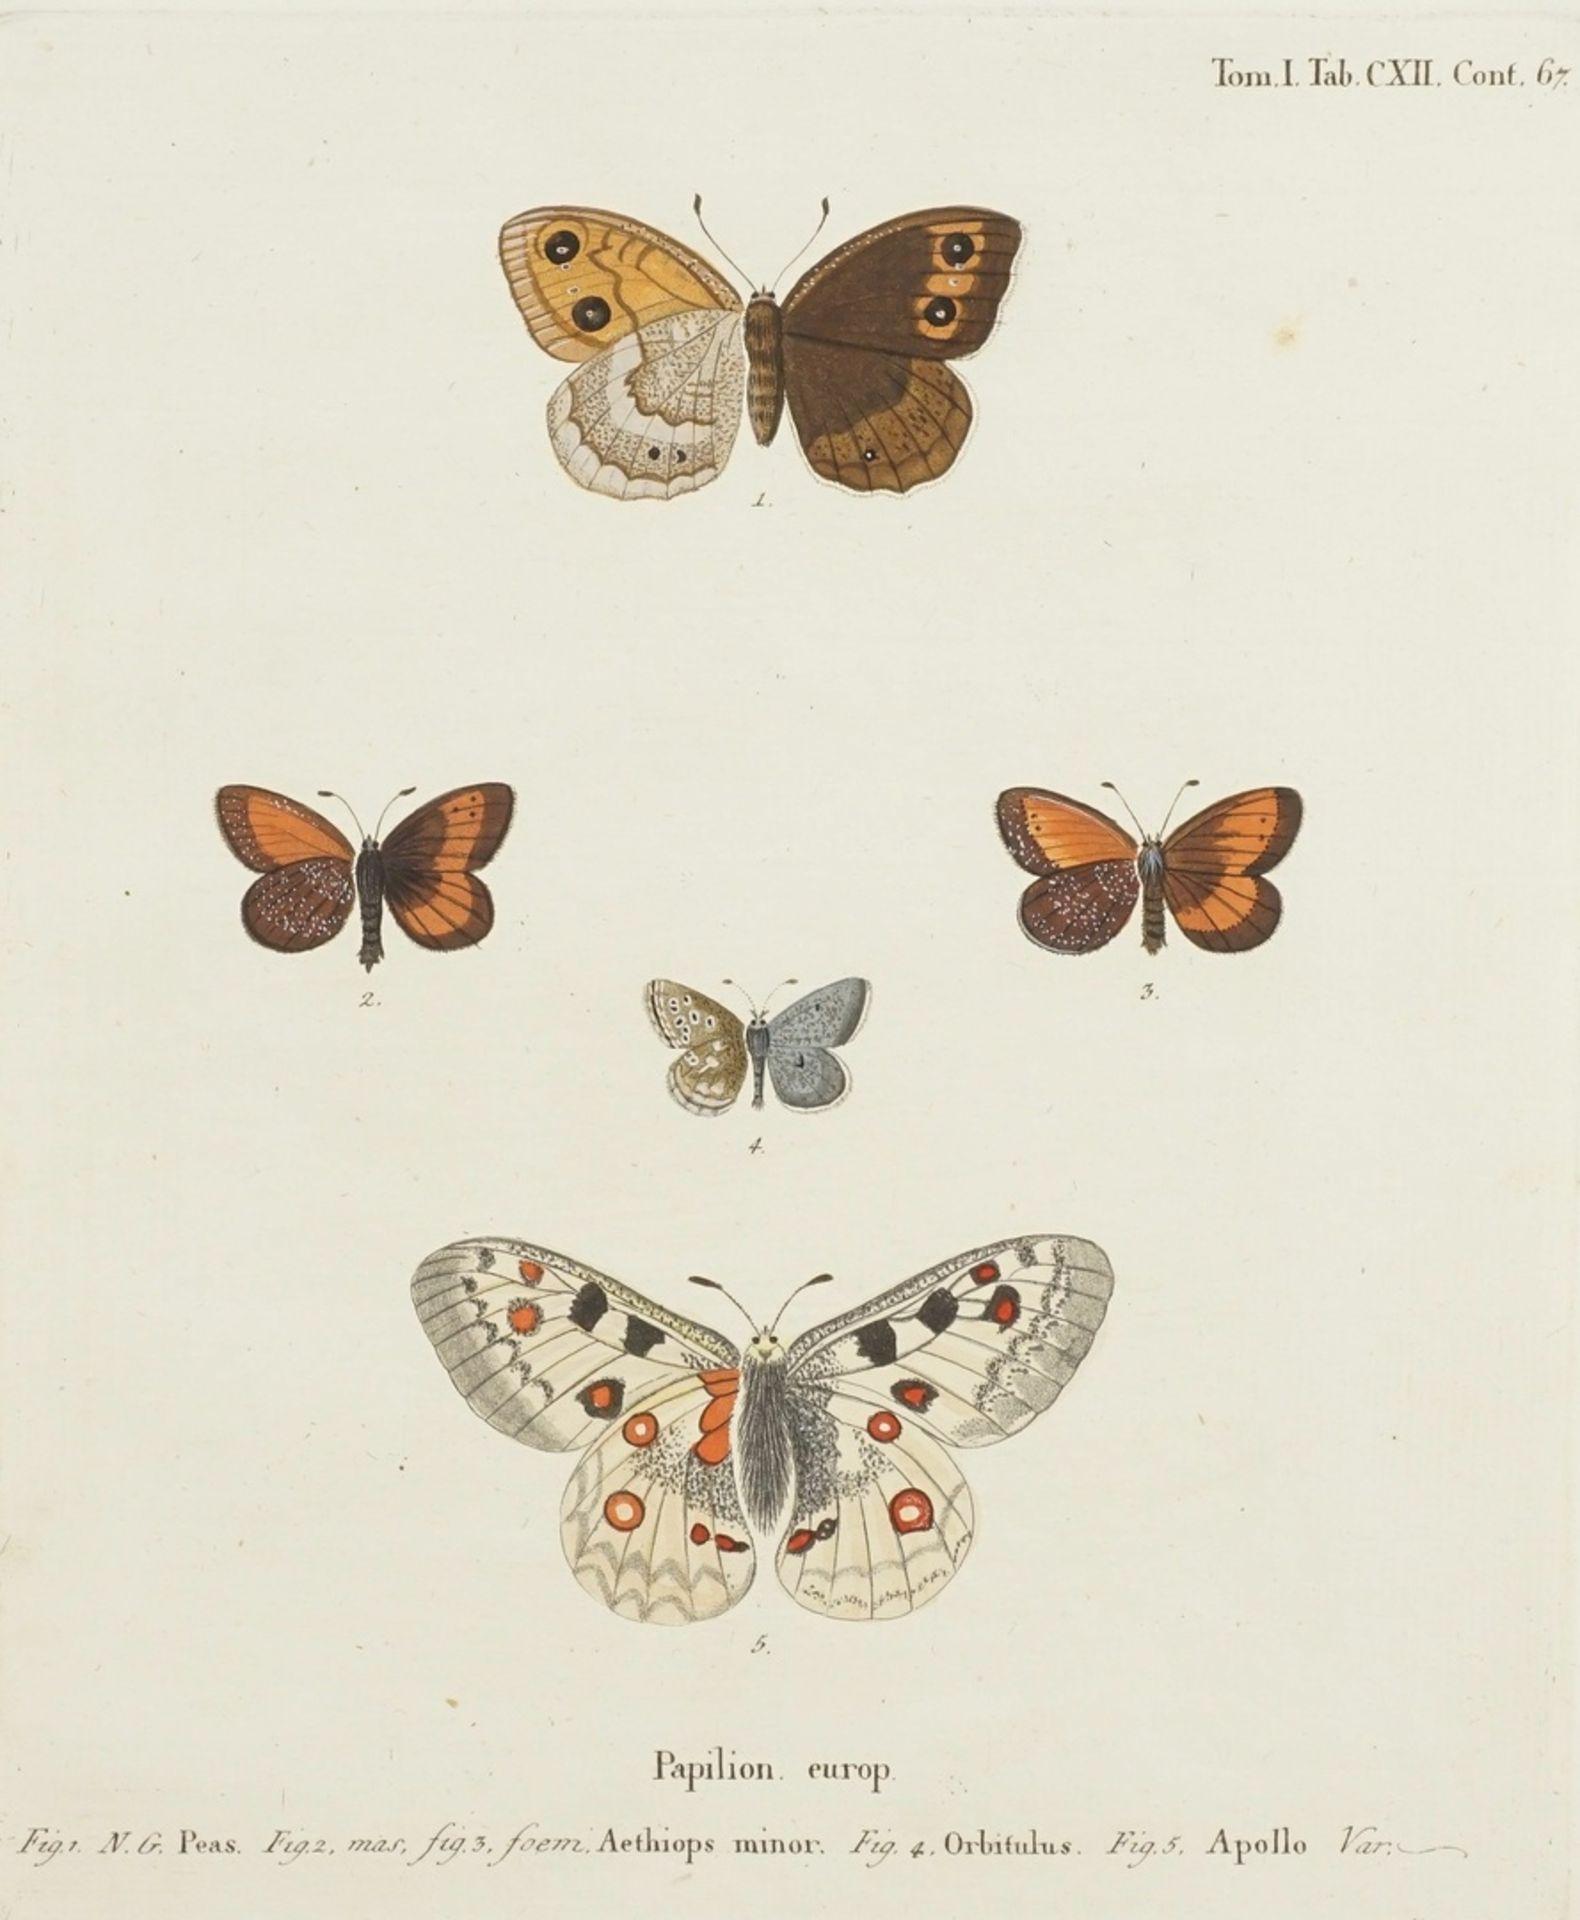 """Johann Friedrich Volkart, Naturkundliches Blatt, """"Papilion. europ. (Europäische Schmetterlinge)"""""""